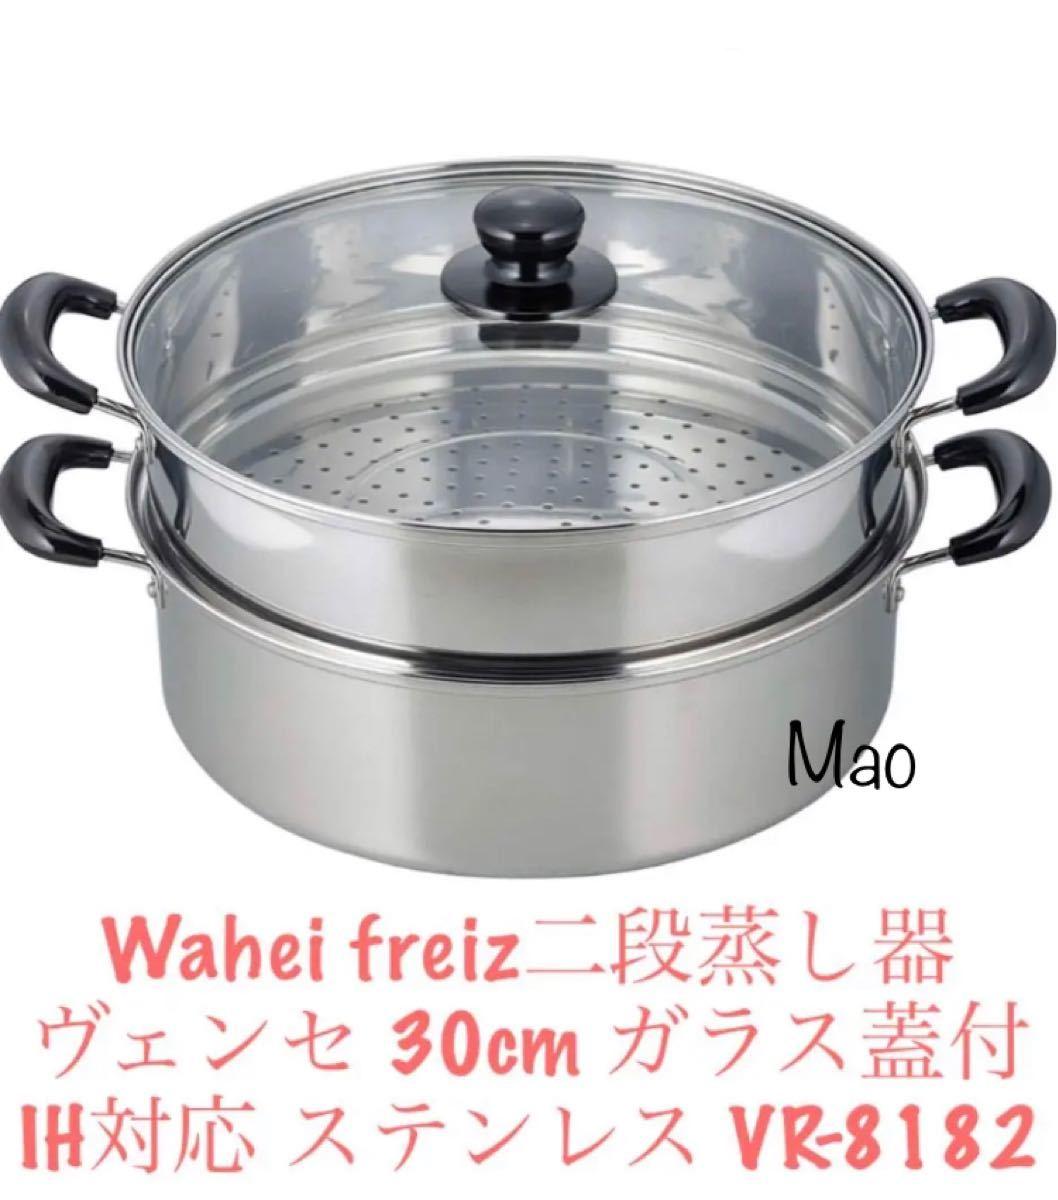 和平フレイズ(Wahei freiz)二段蒸し器 ヴェンセ 30cm ガラス蓋付 IH対応 ステンレス VR-8182 新品